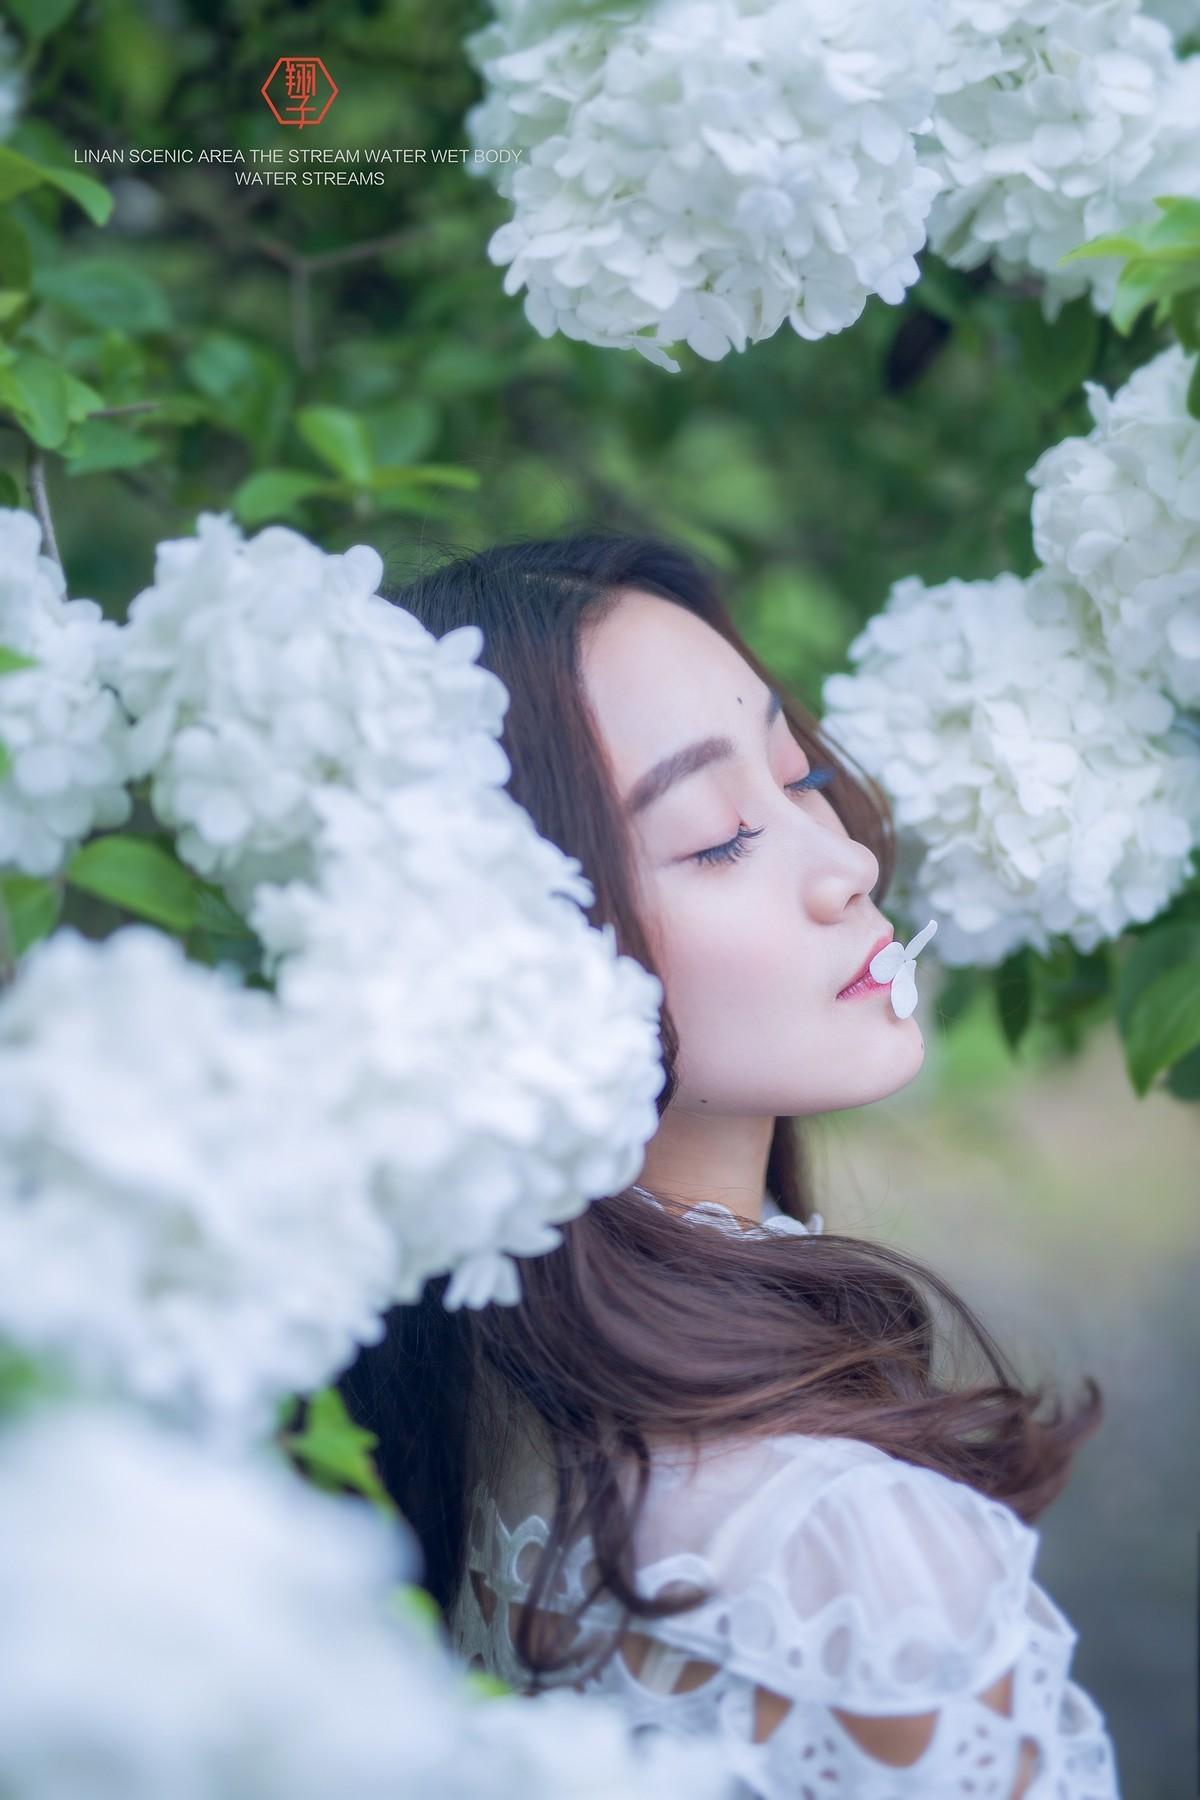 【翔子视觉】绣球花树下